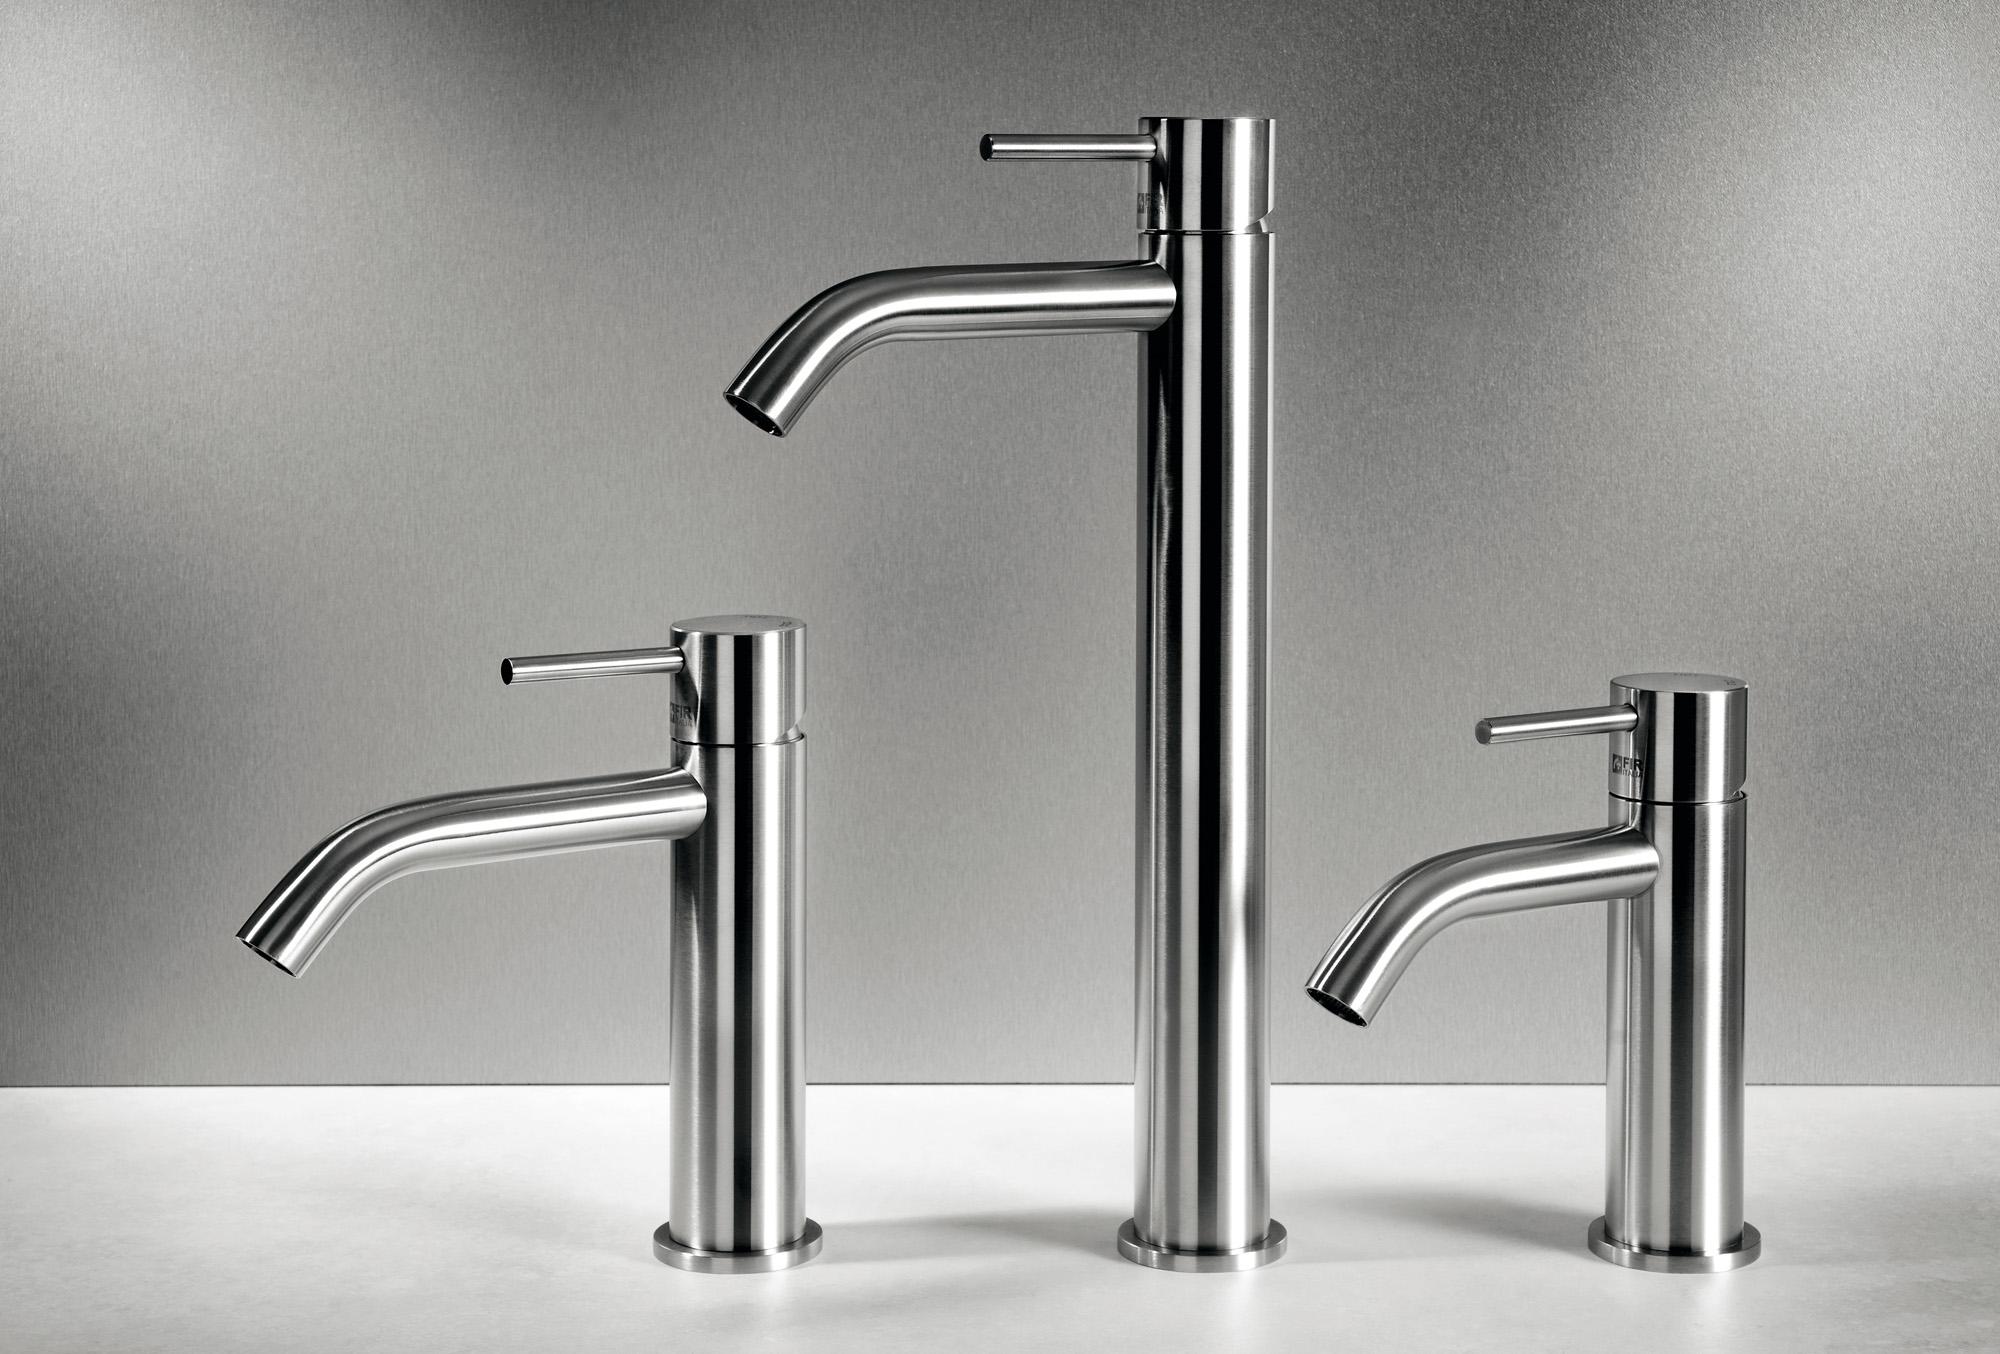 Rubinetti al piano CleoSteel 48 per lavabo, misure M, L, XL. Finitura Acciaio Inox Spazzolato